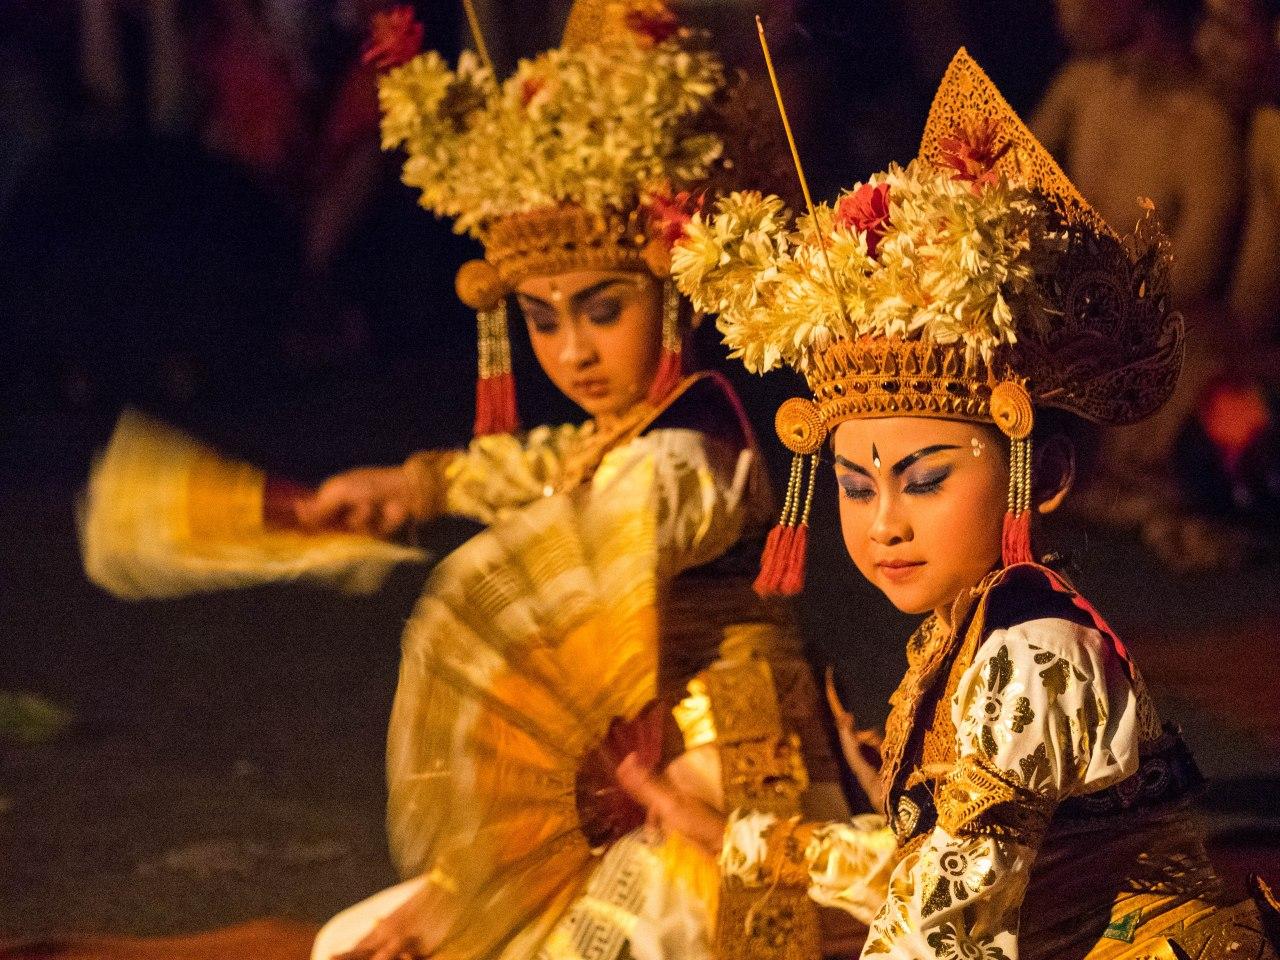 Danses traditionnelles balinaises: laissez-moi vous raconter unehistoire.